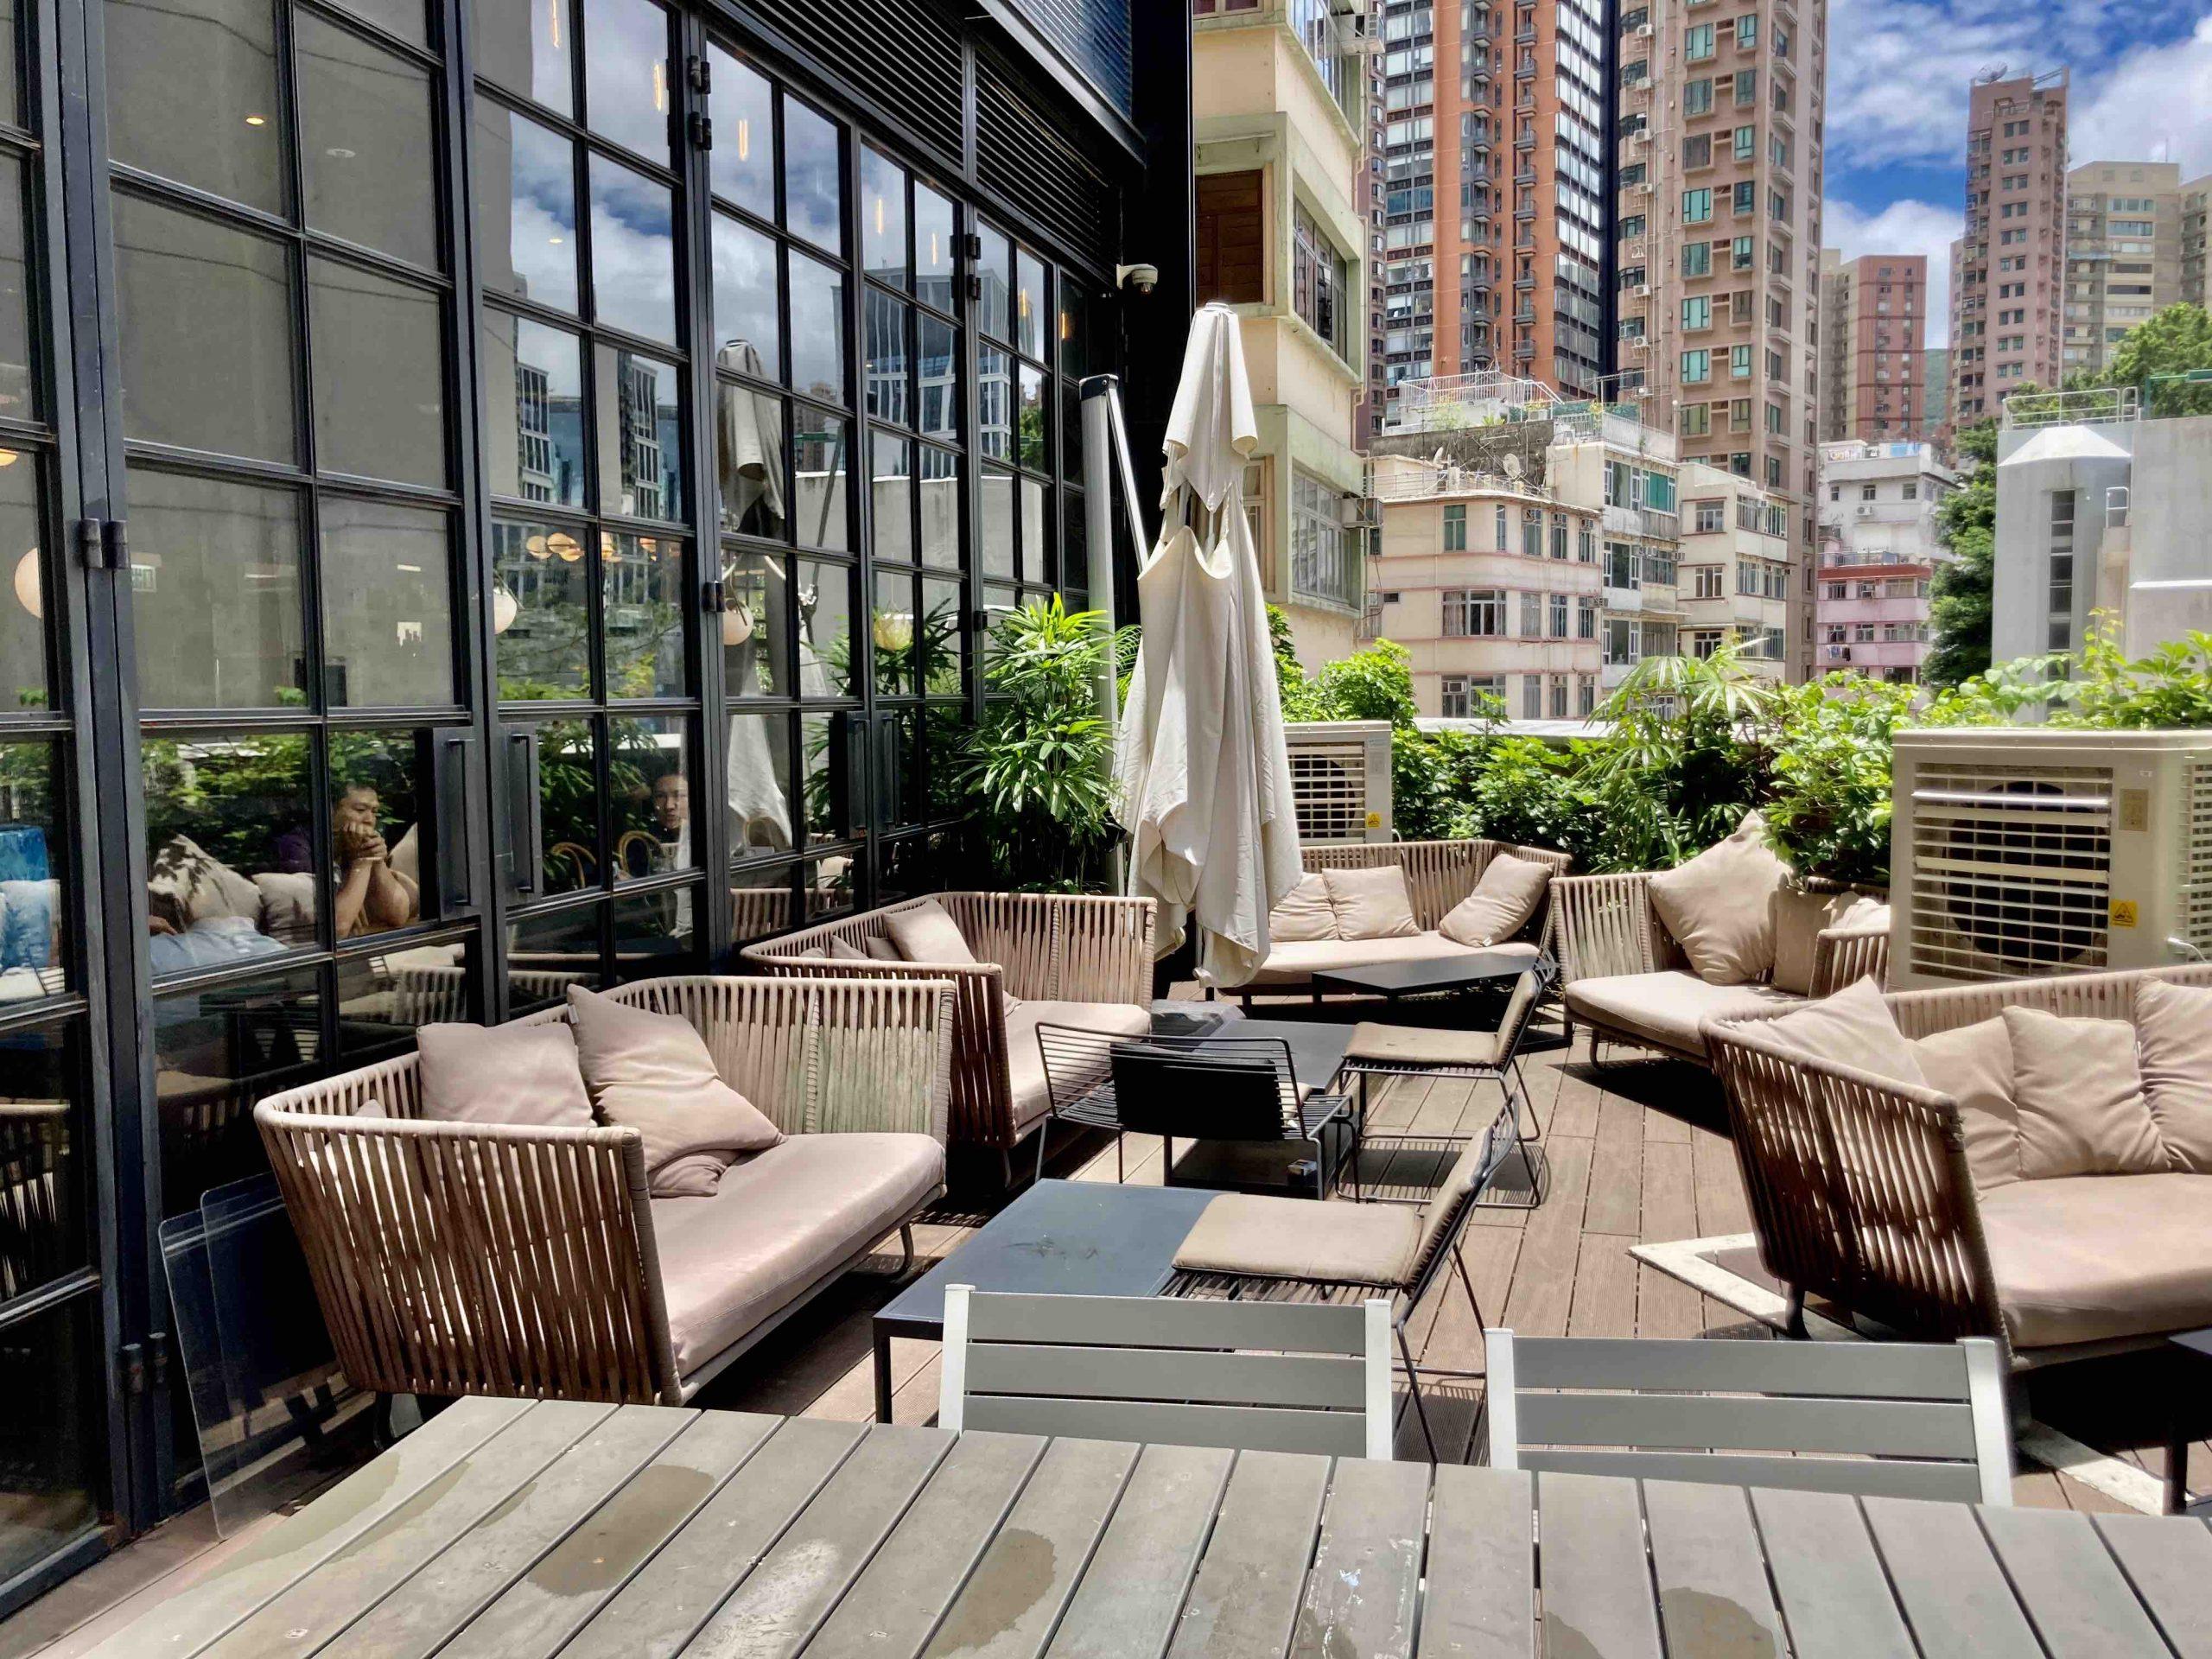 Exceptional Garden Restaurant for Rent in HK